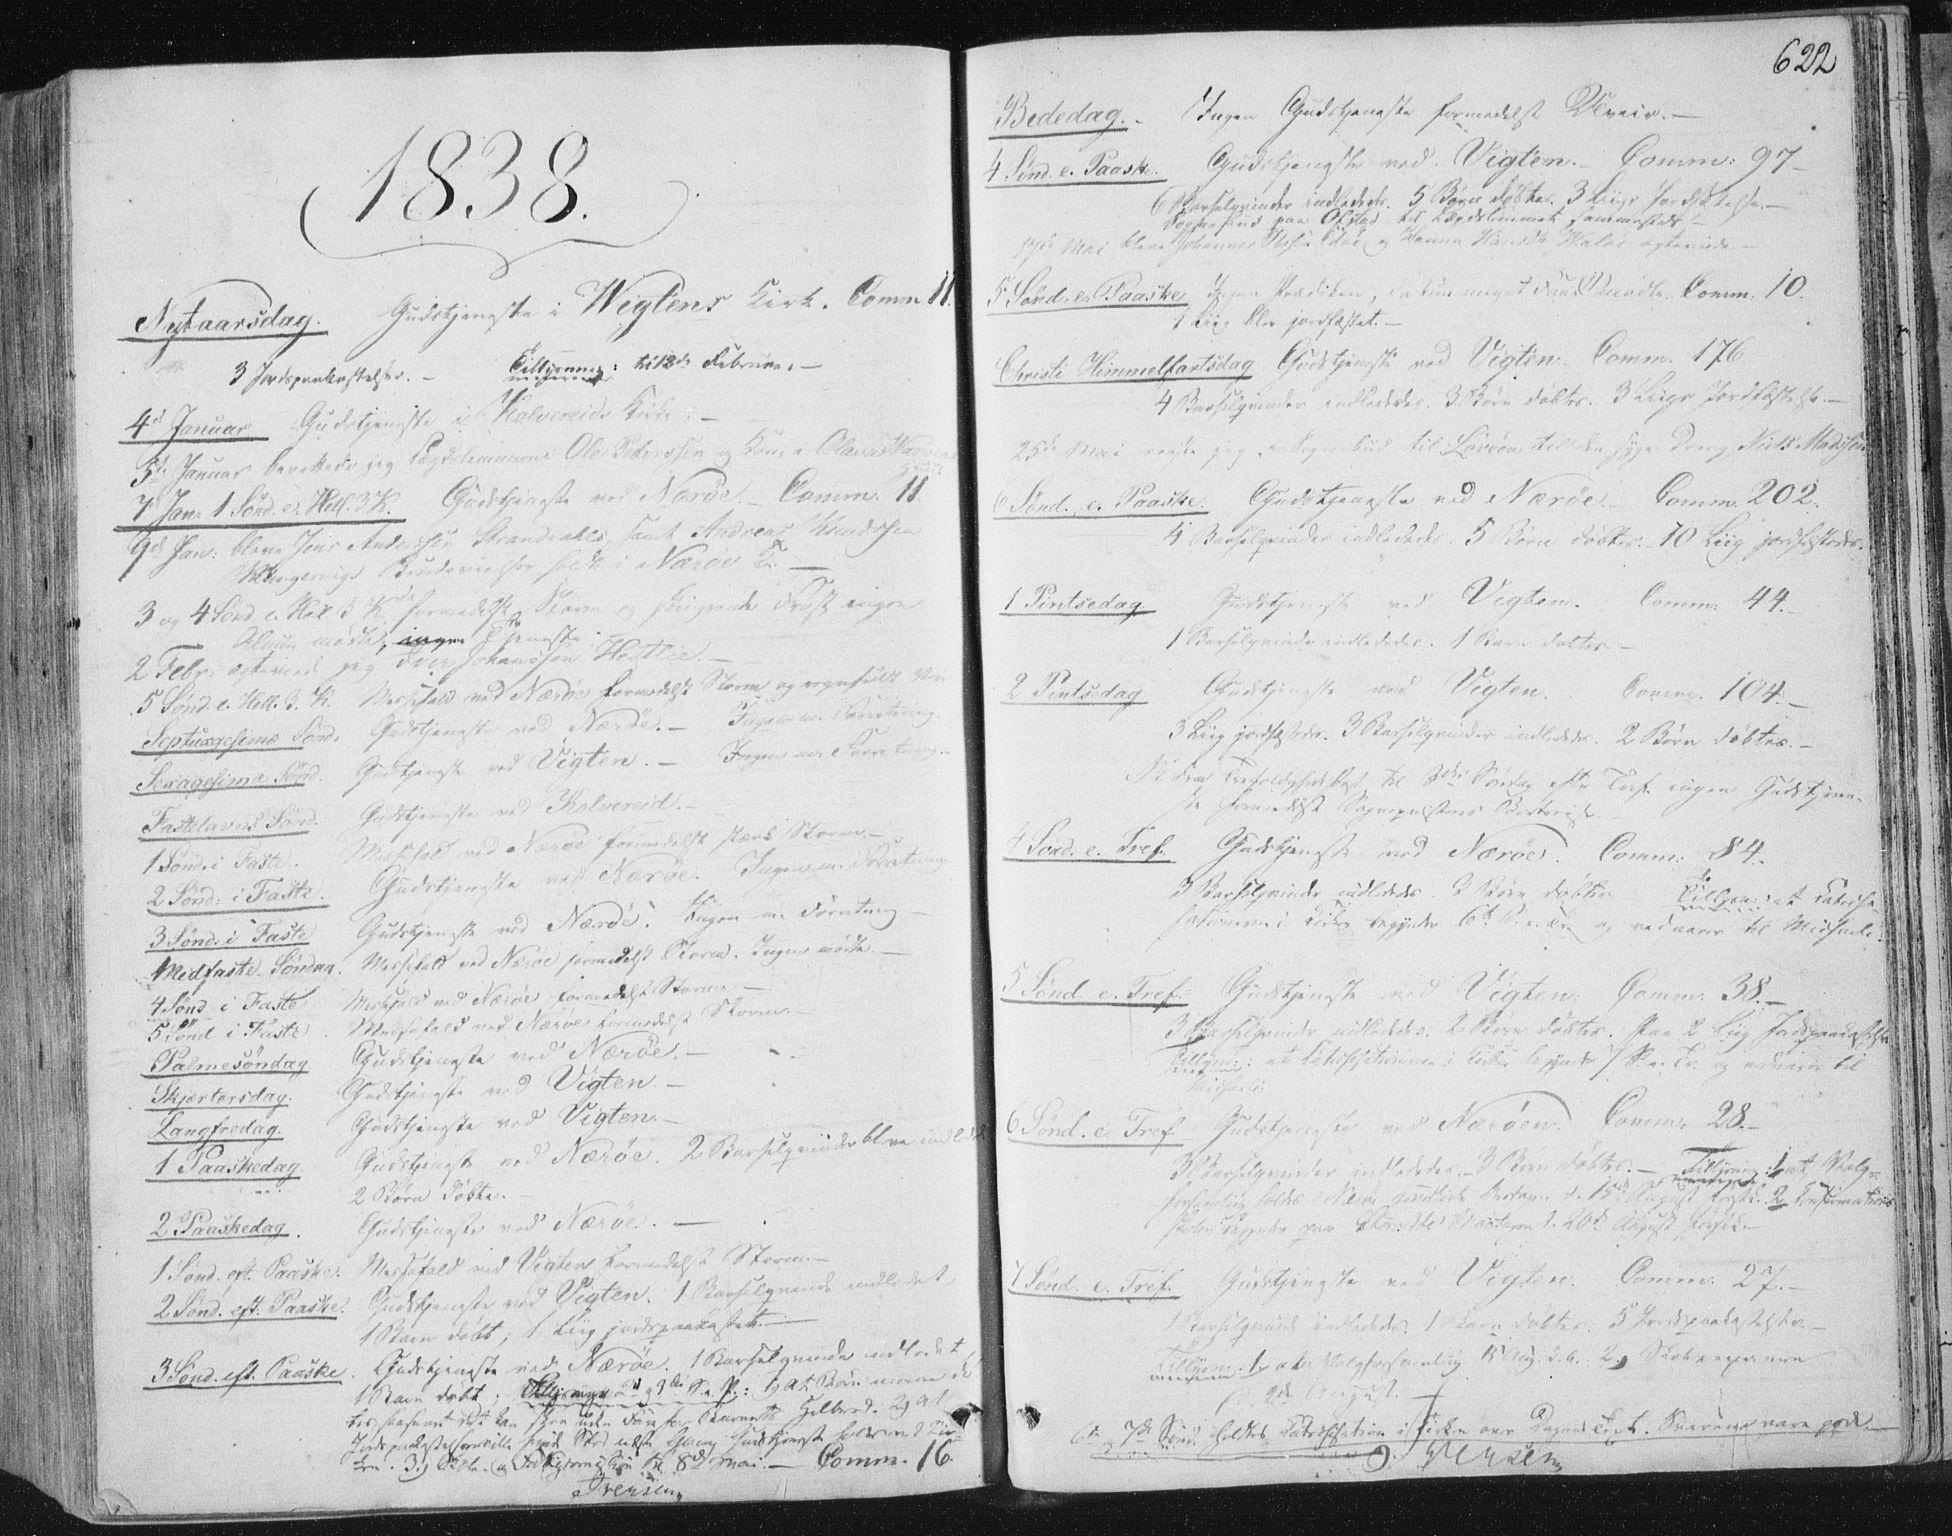 SAT, Ministerialprotokoller, klokkerbøker og fødselsregistre - Nord-Trøndelag, 784/L0669: Ministerialbok nr. 784A04, 1829-1859, s. 622